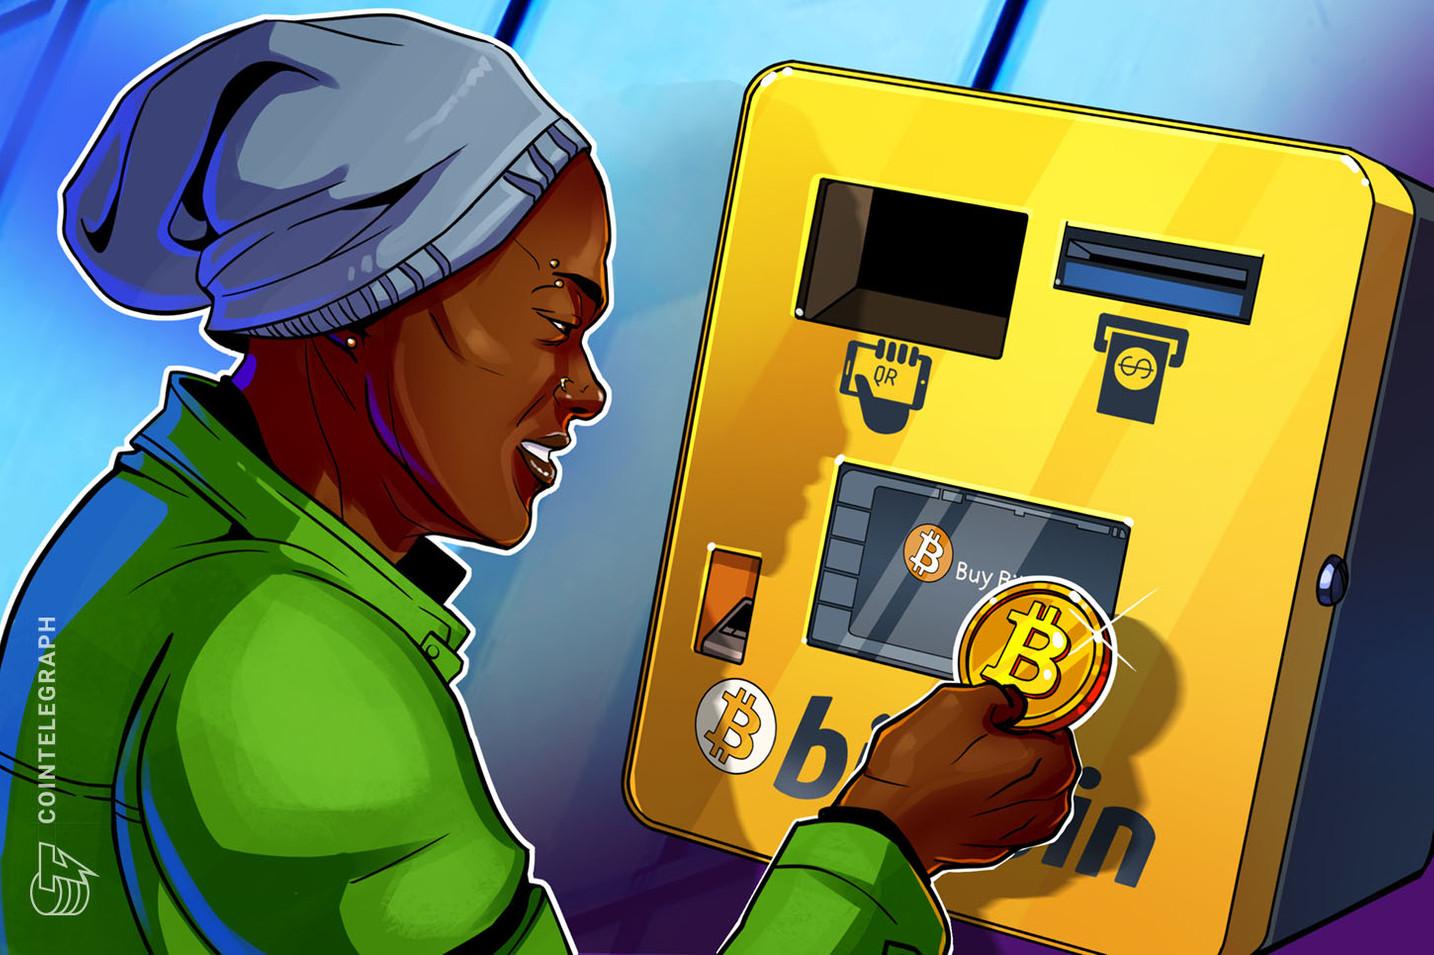 NCR Corporation berencana untuk membeli perusahaan ATM Bitcoin LibertyX